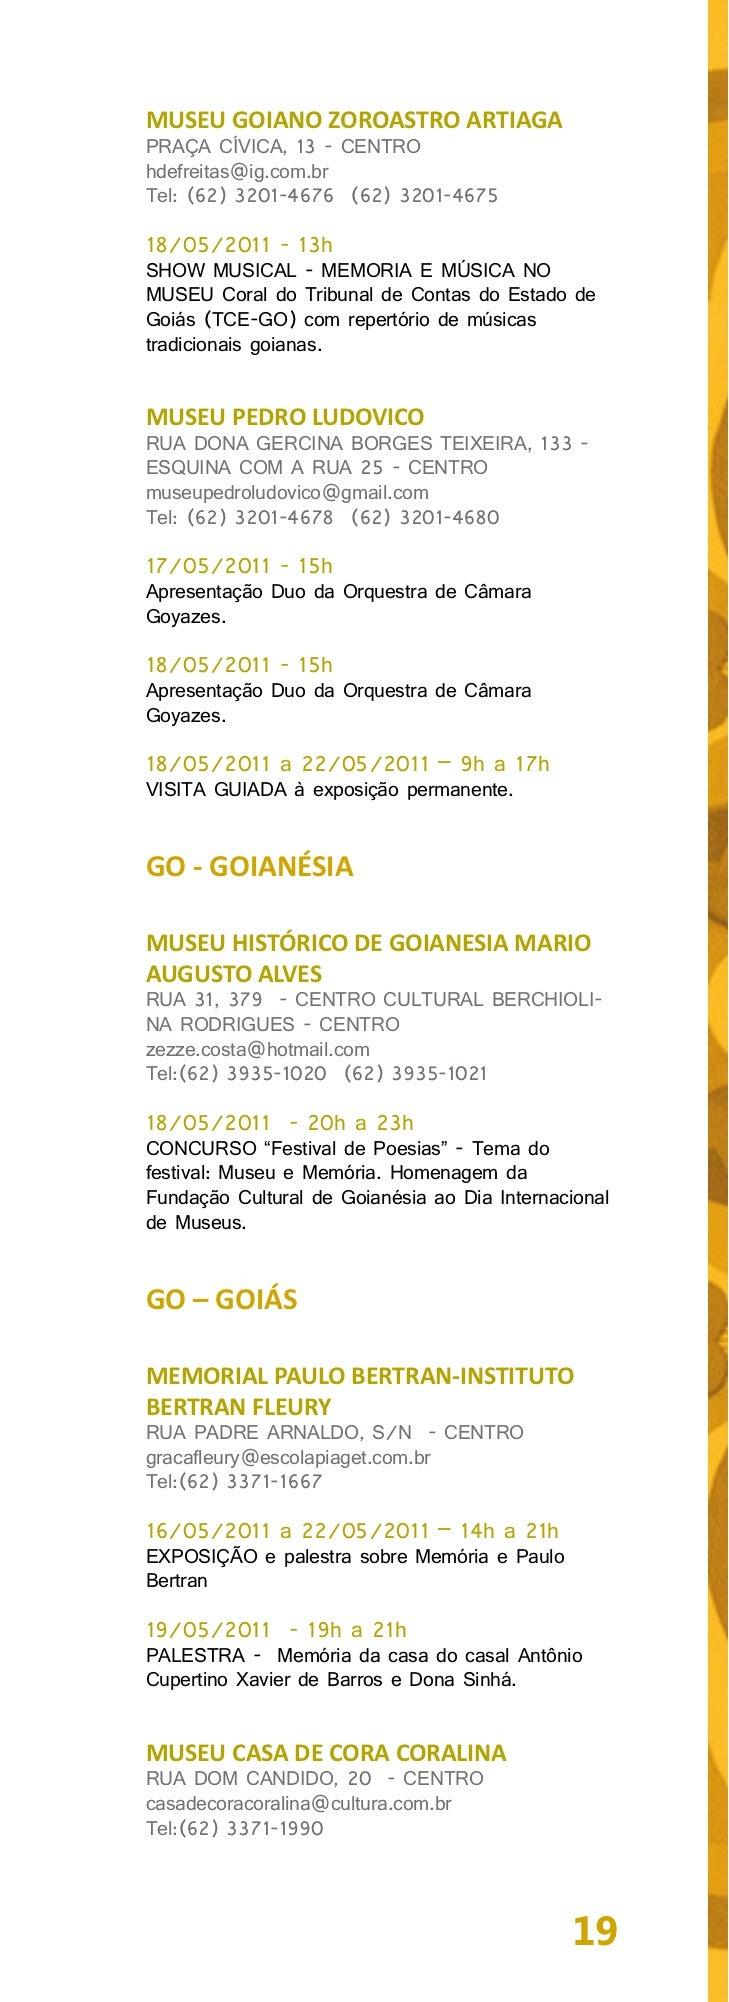 13/05/2011 a 21/05/2011 -19h a 22hEXPOSIÇÃO - temporária de painéis, fotografias emanuscritos: Cora Coralina e as mulheres...